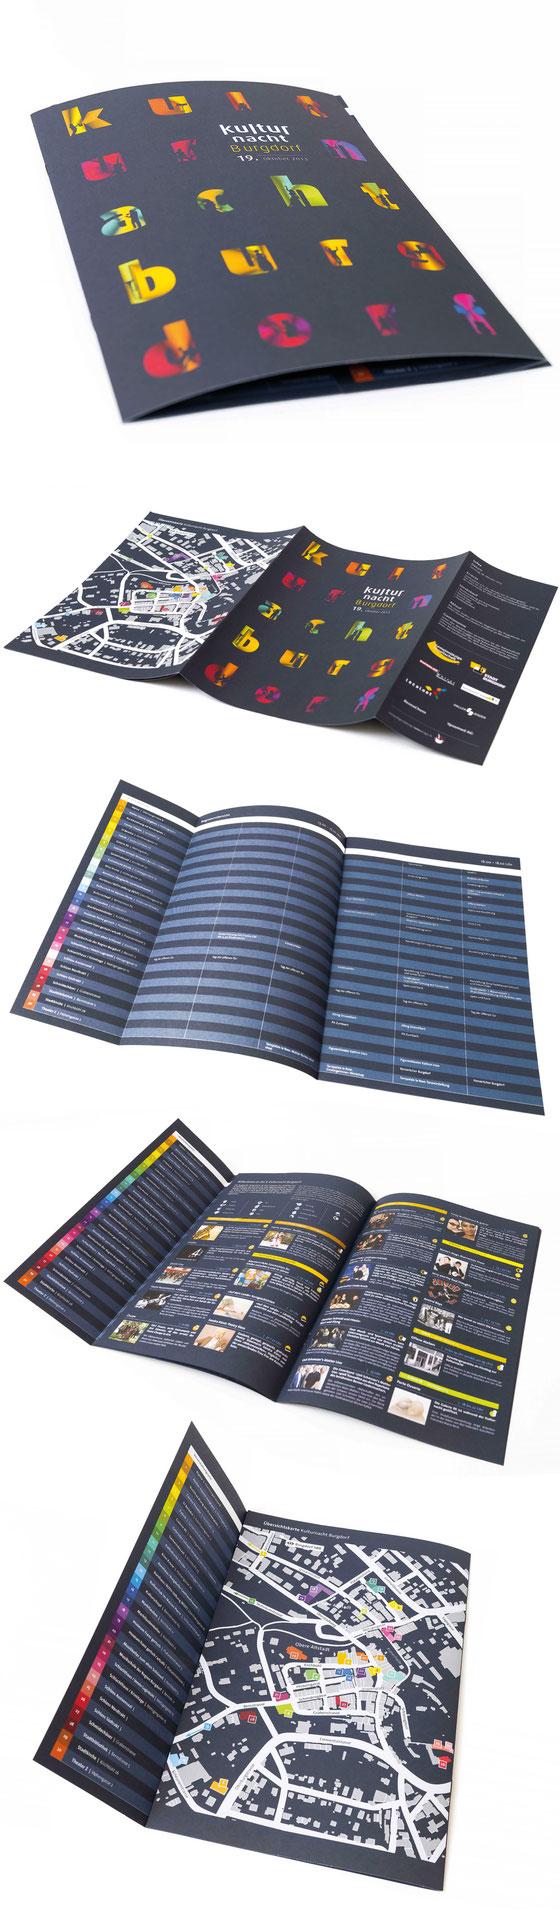 Prospektgestaltung Kulturnacht  | Lockedesign seit 2013